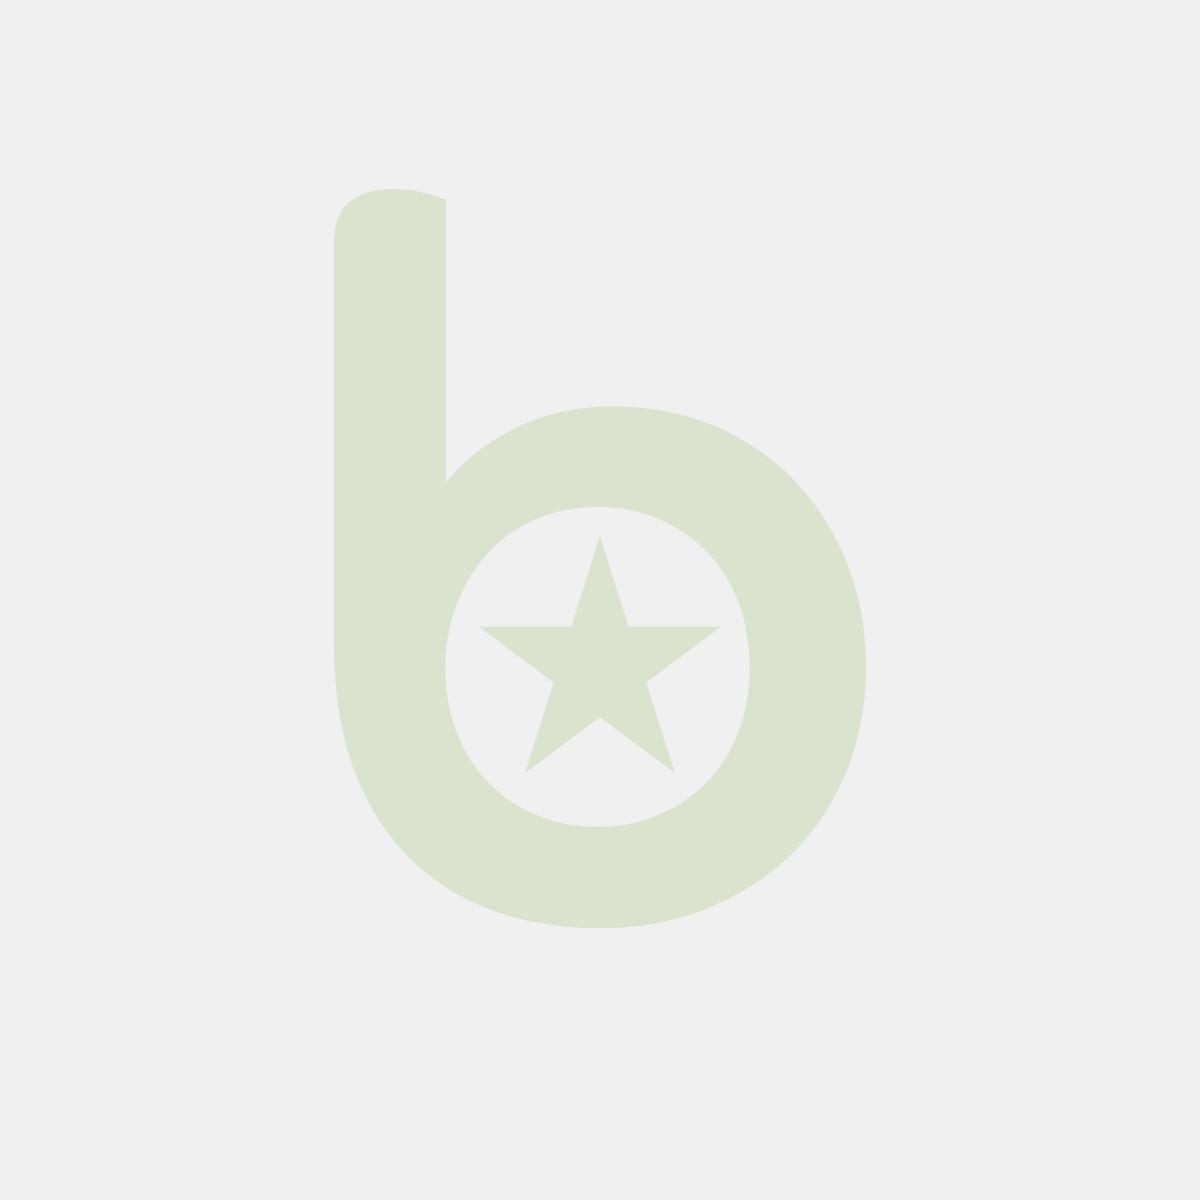 Torba klockowa biała 260x140x300 z uchem